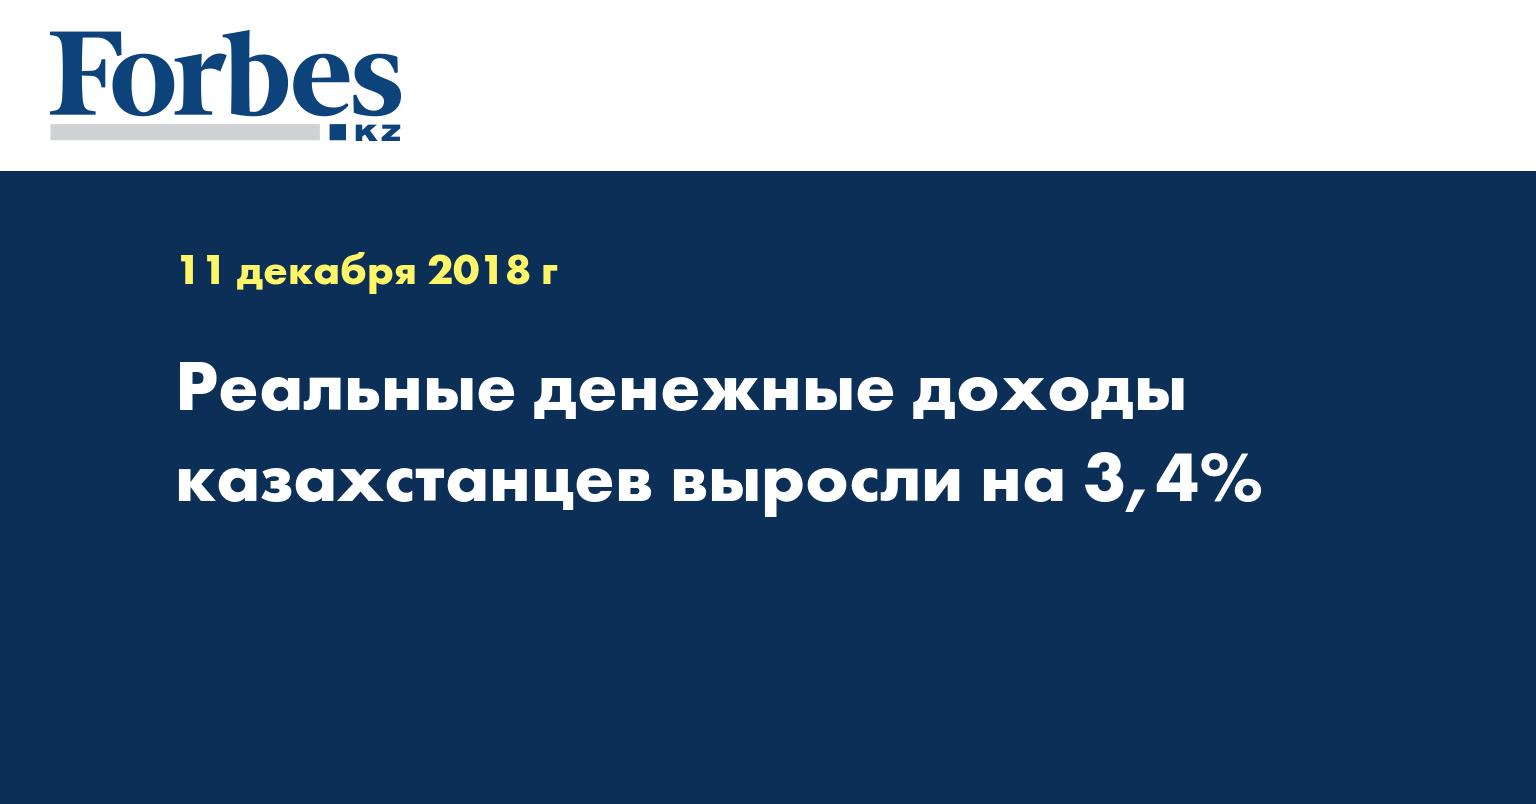 Реальные денежные доходы казахстанцев выросли на 3,4%